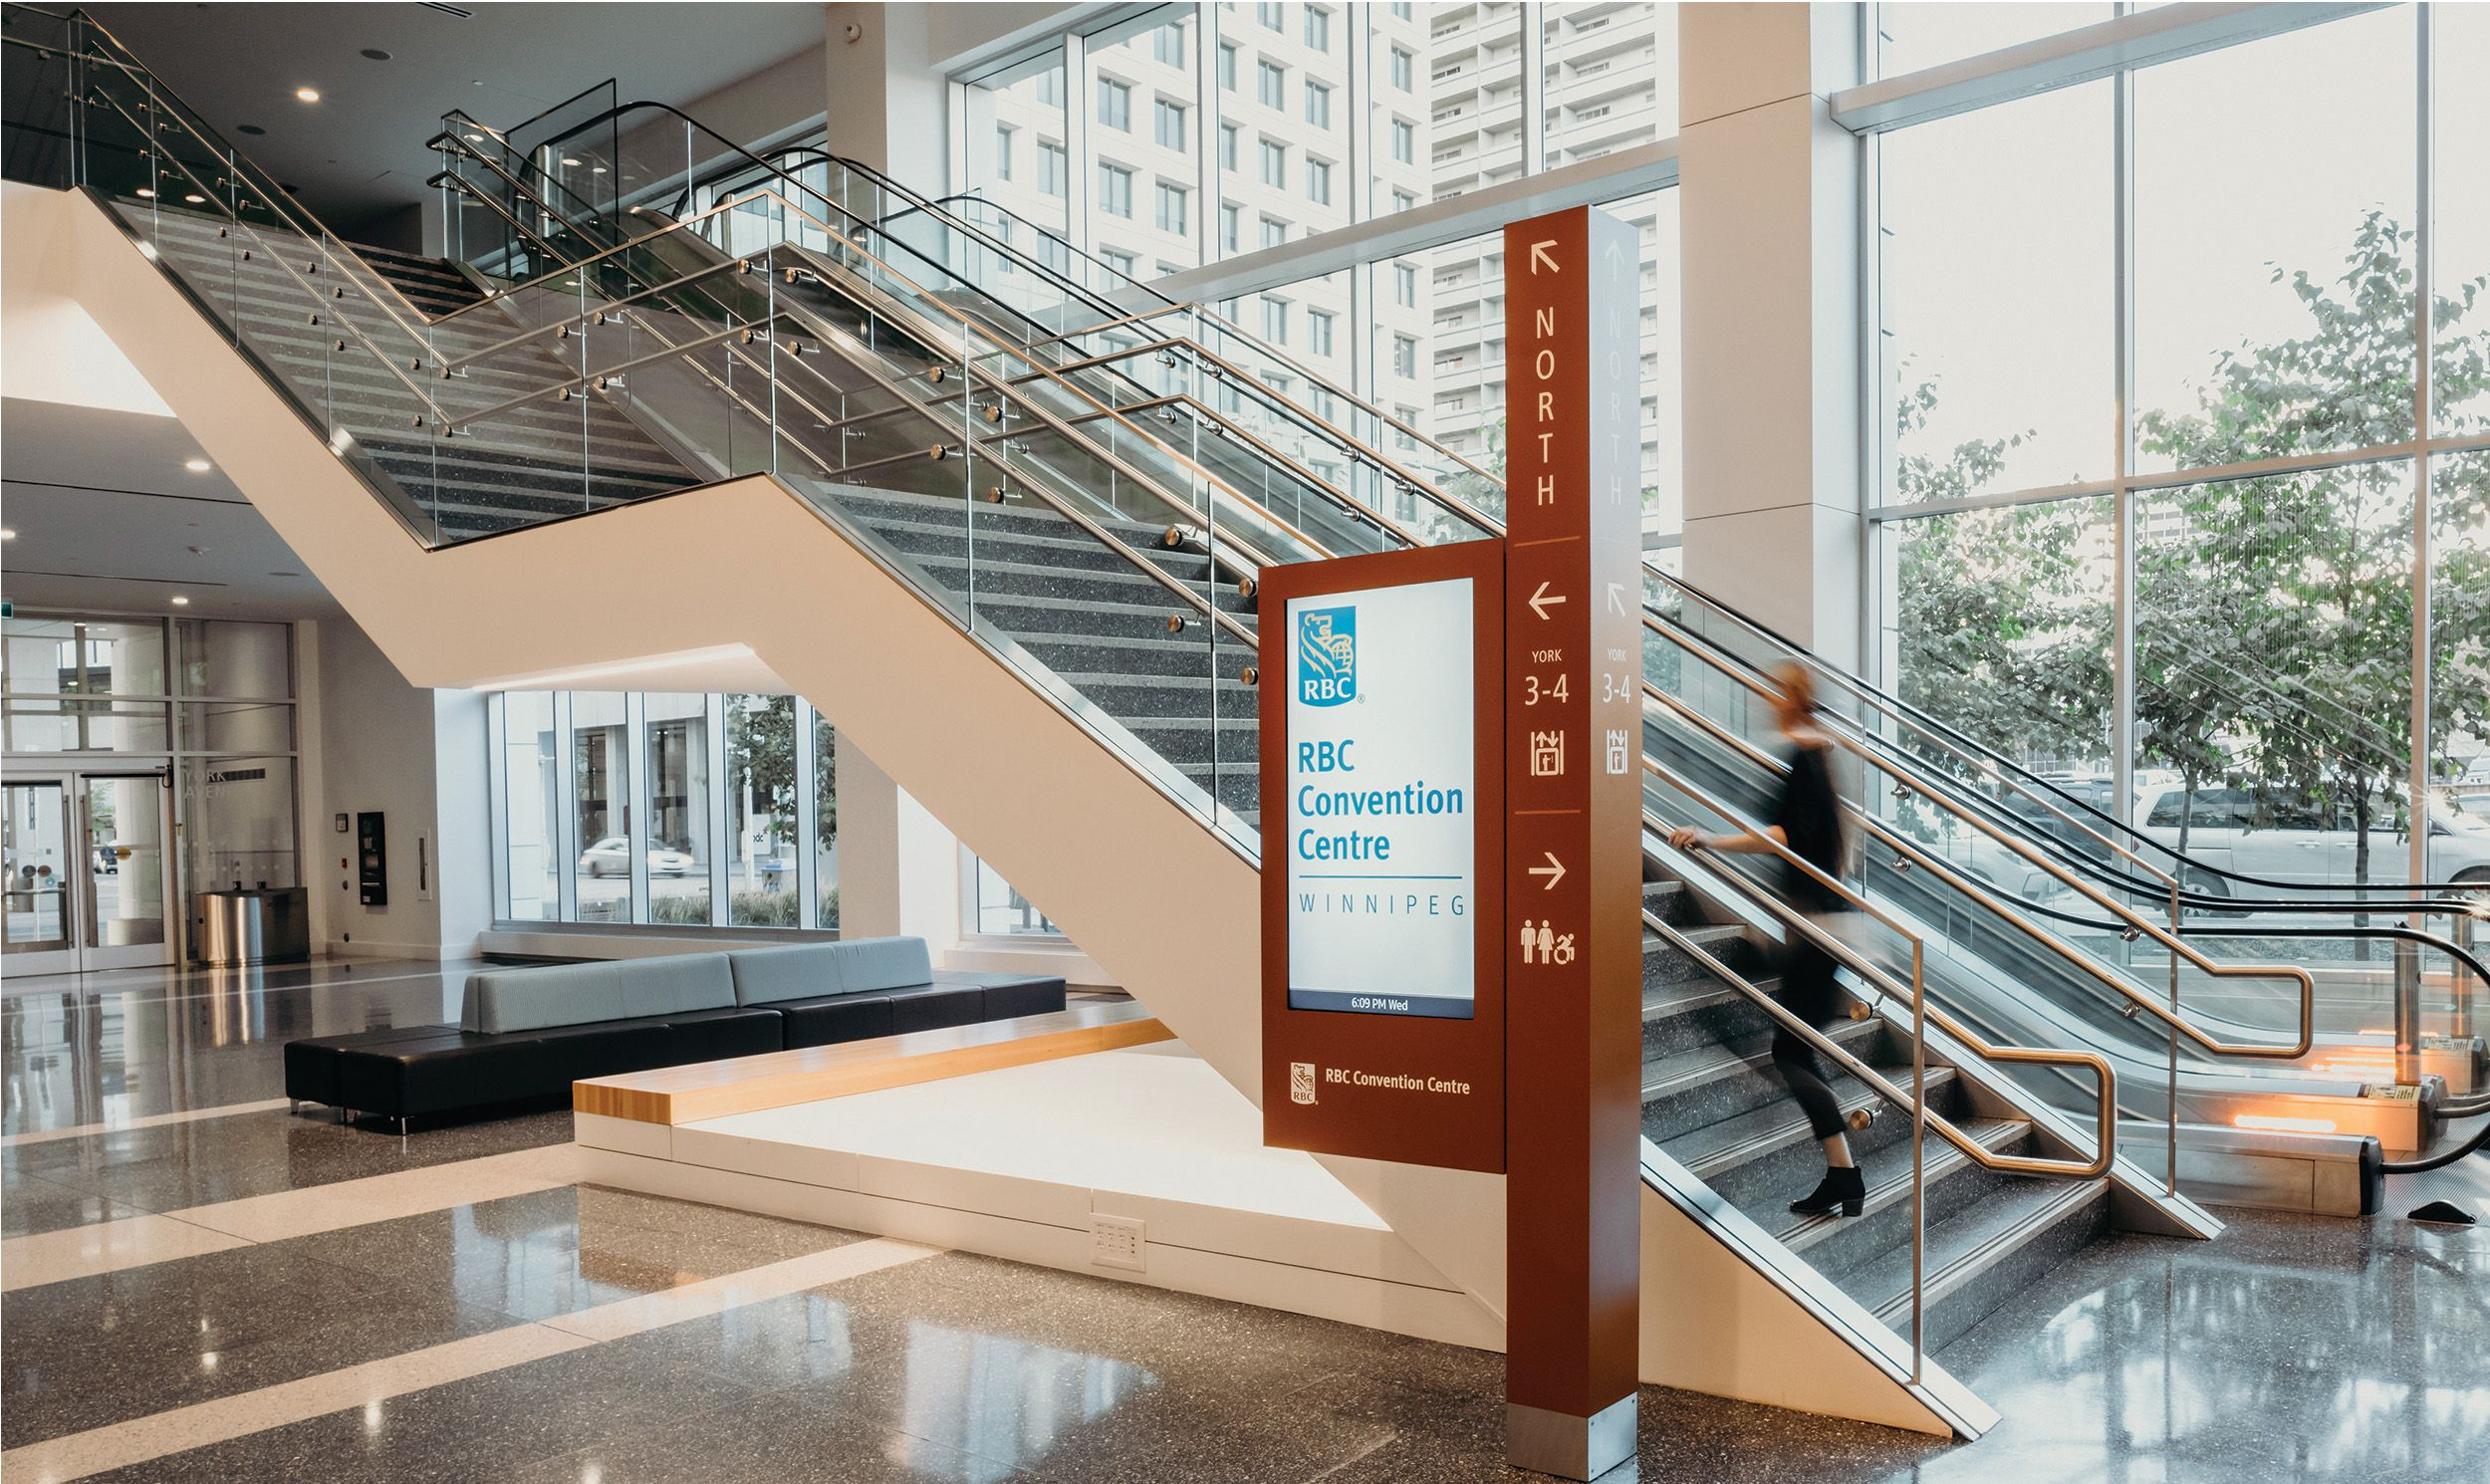 温尼伯RBC会议中心导视系统设计©Entro